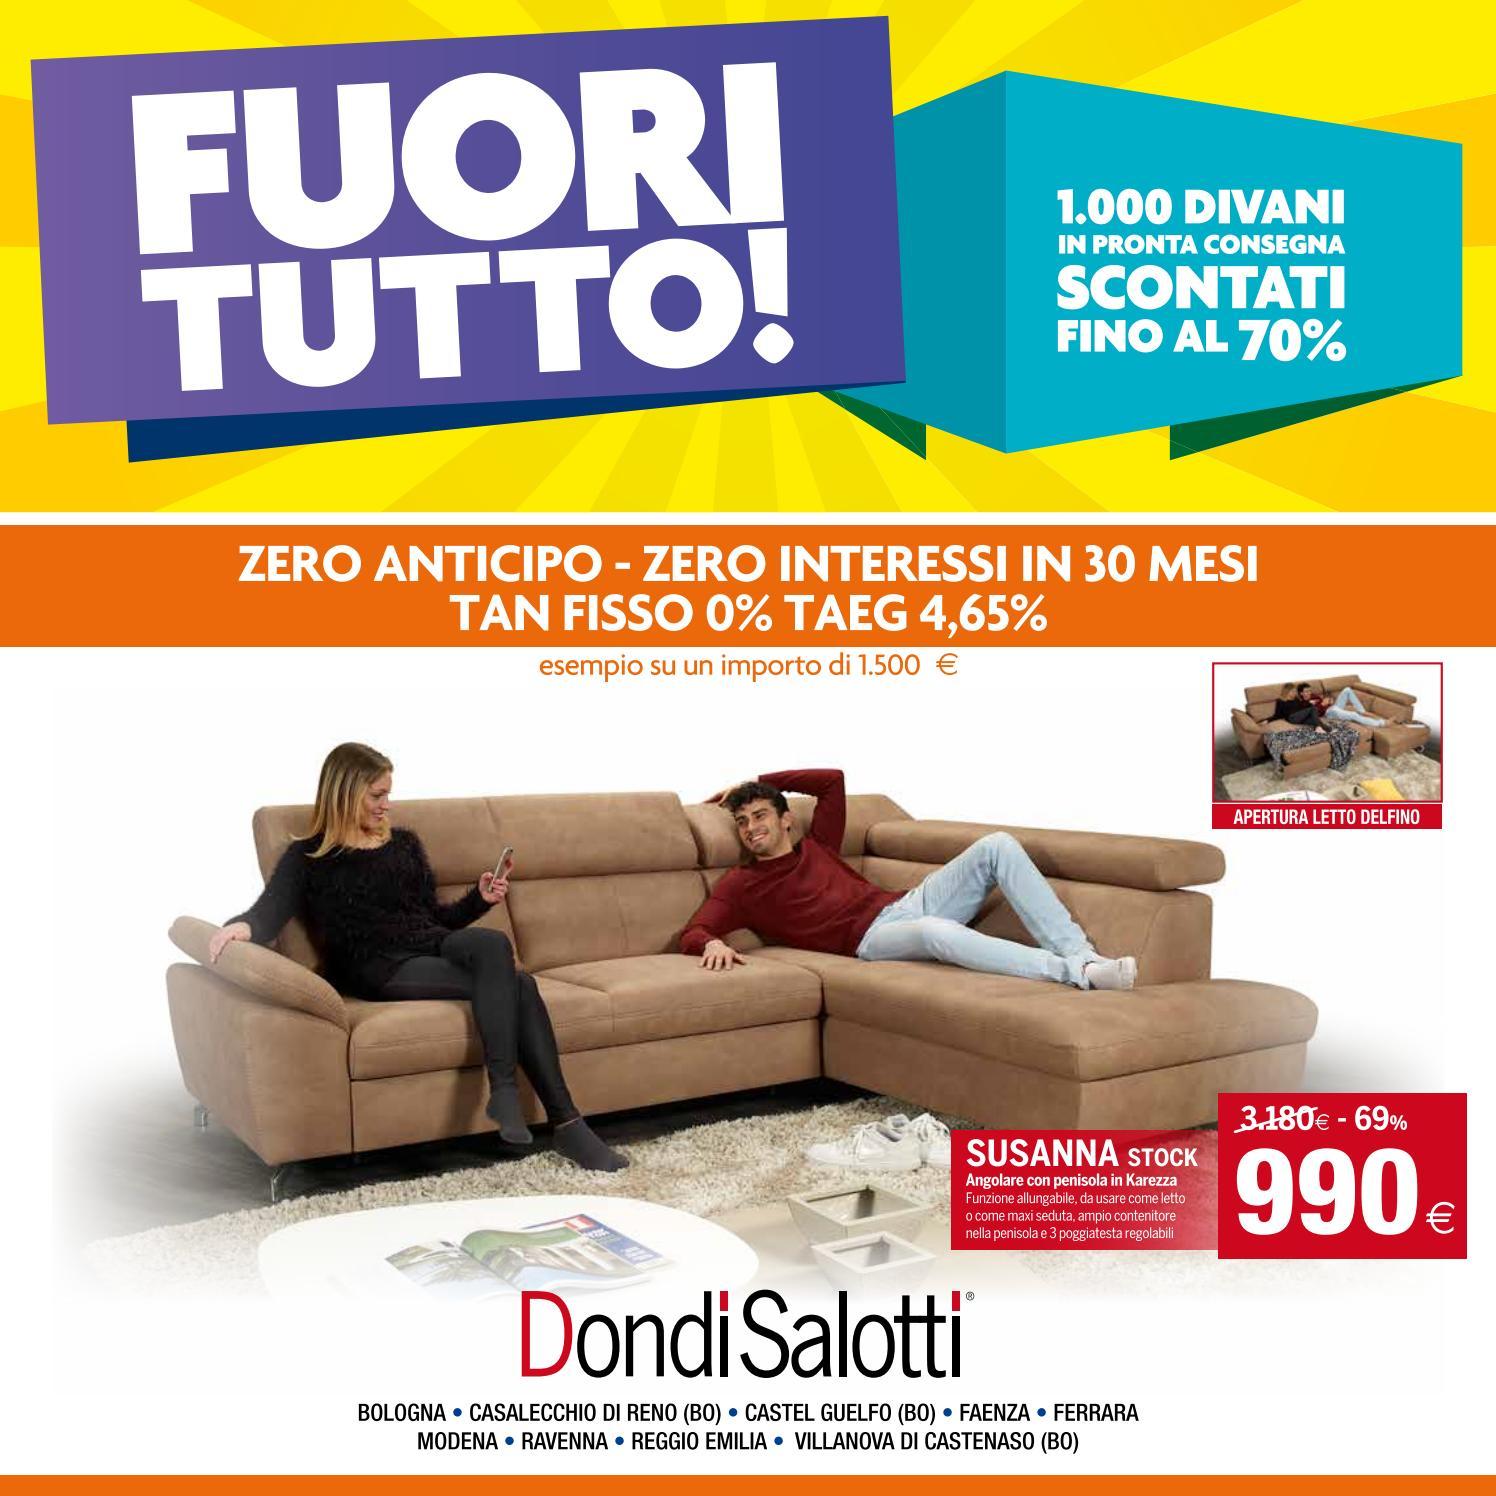 Dondi Salotti - Volantino Fuoritutto by Michele Travagli - issuu